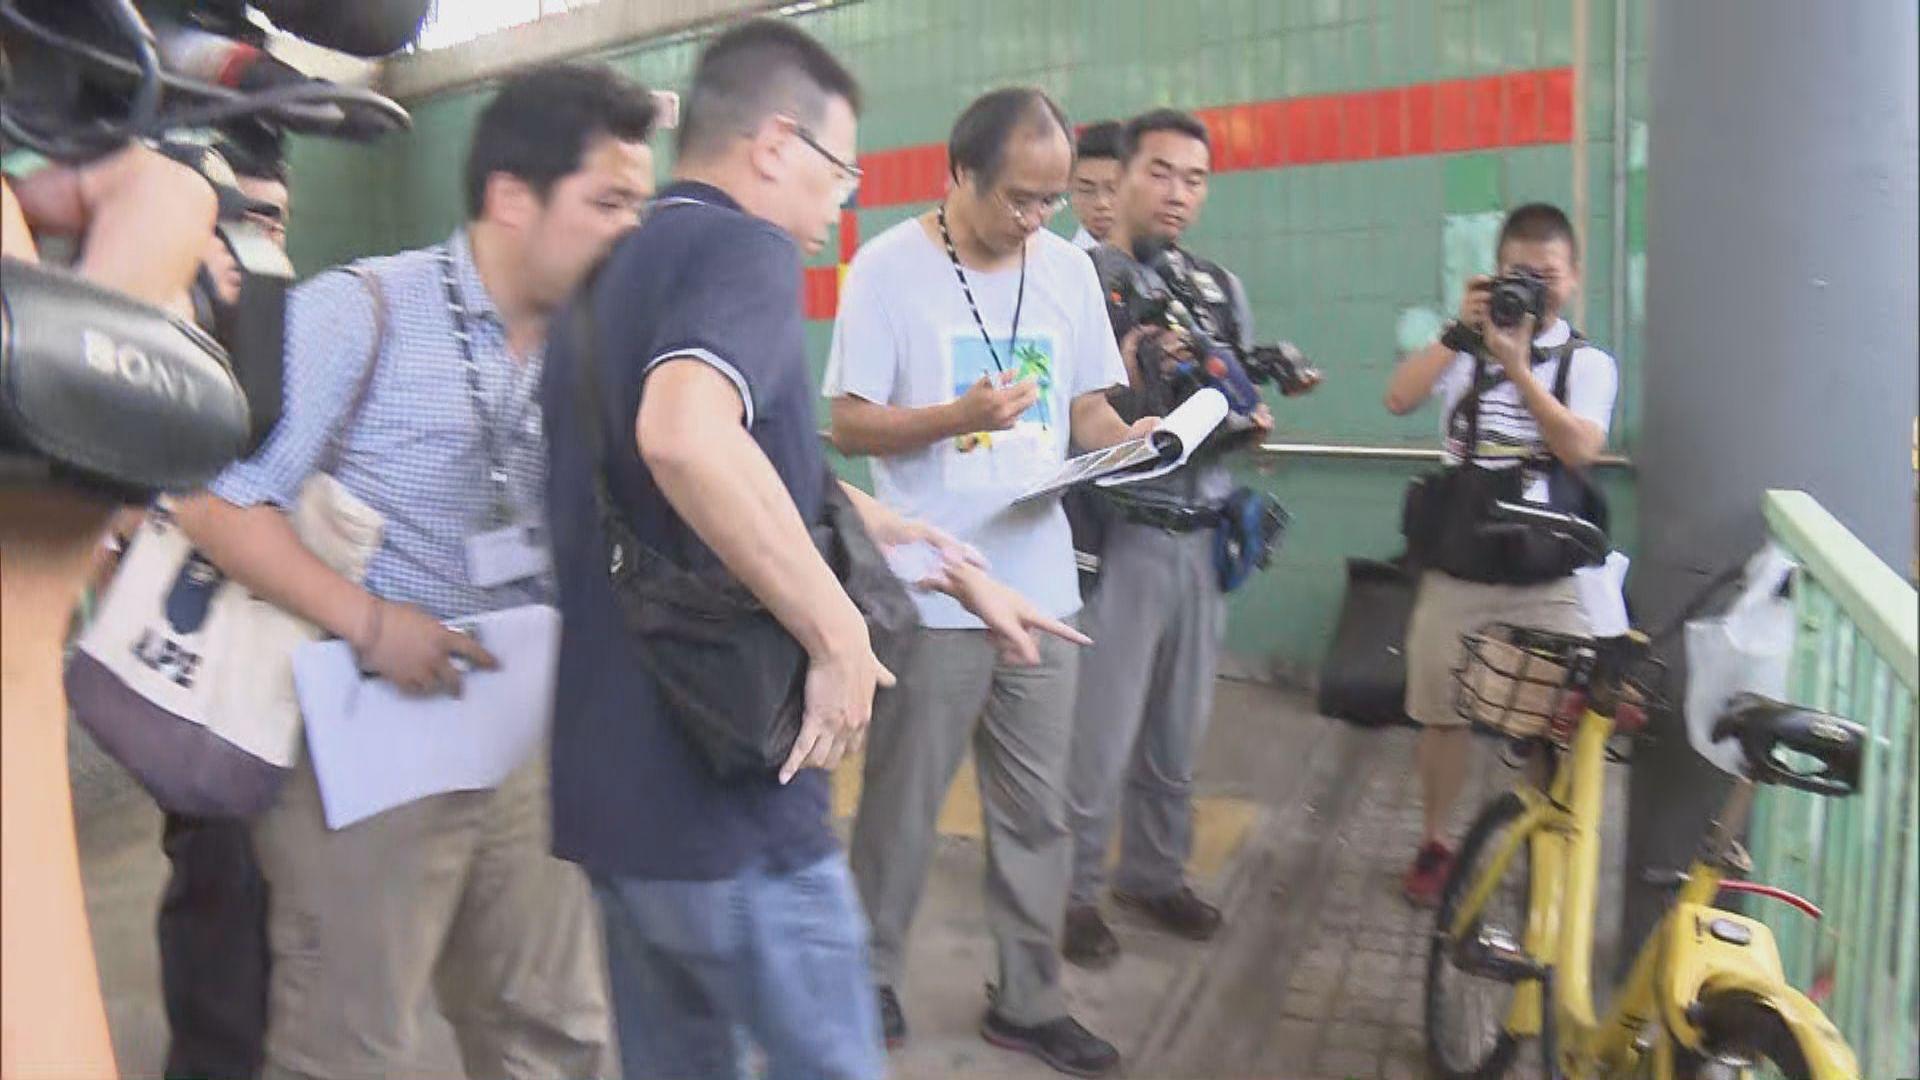 地政總署到大埔「連儂隧道」清理違泊單車 未有處理牆上紙條